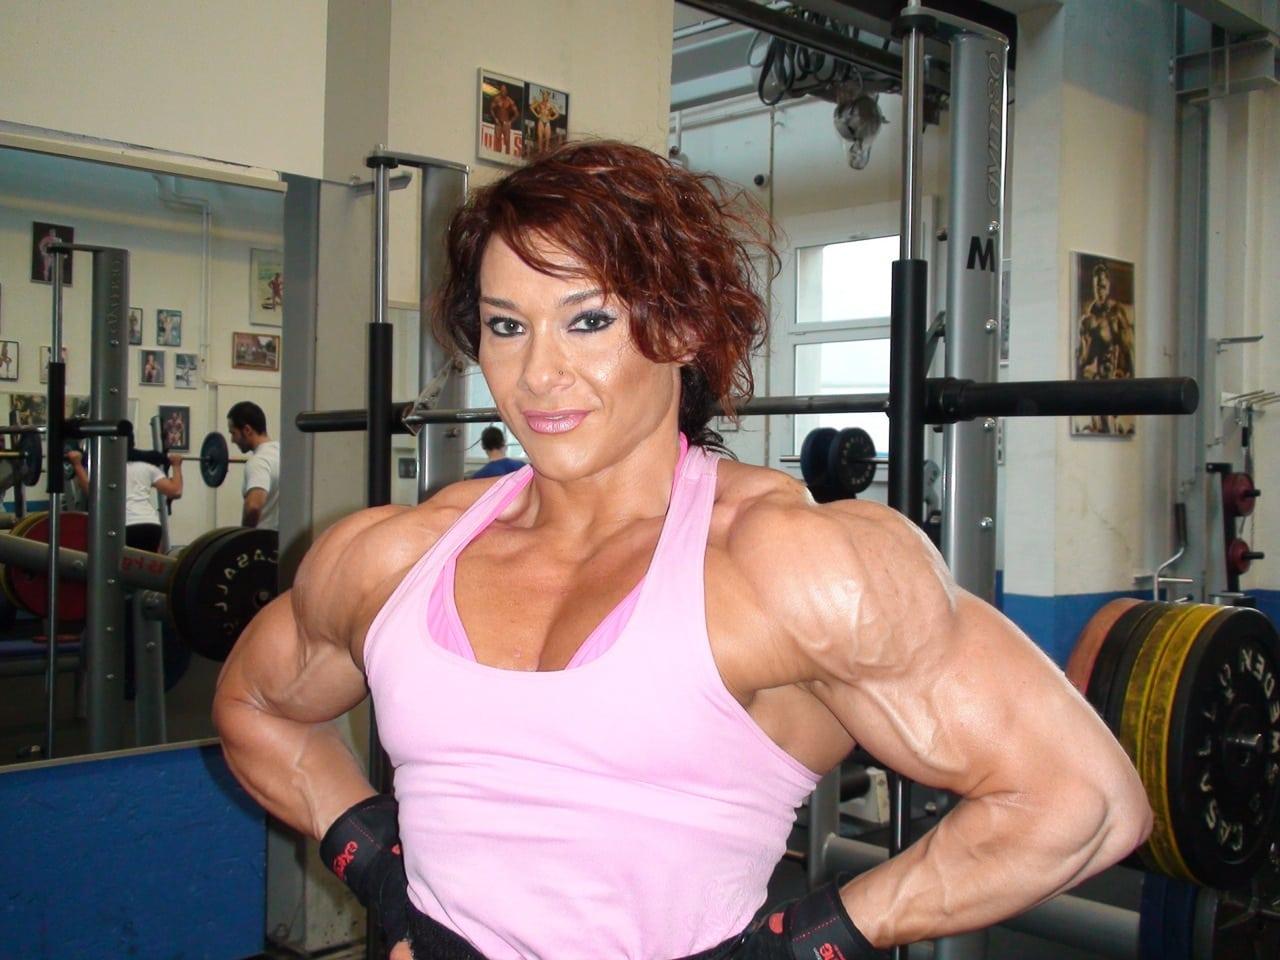 Testosterona en mujeres ejercicios en casa - Alimentos con testosterona ...